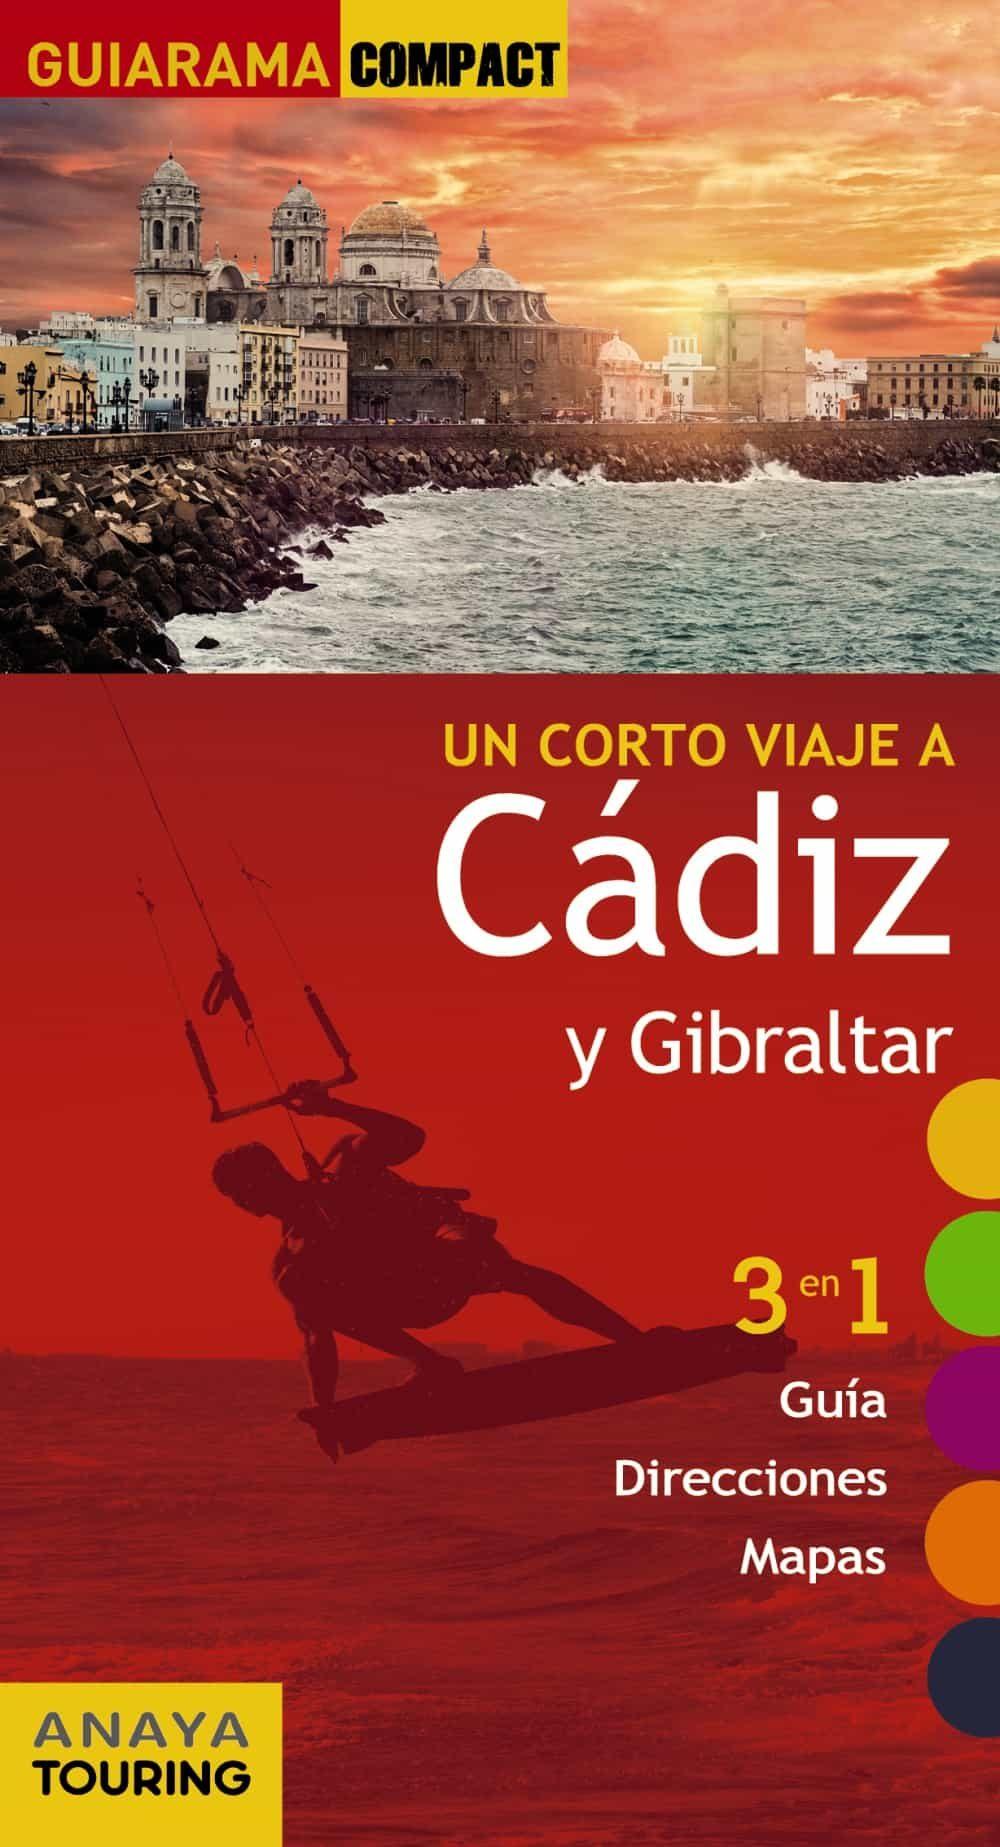 un corto viaje a cadiz y gibraltar 2017 (guiarama compact)-enrique montiel-9788499358338